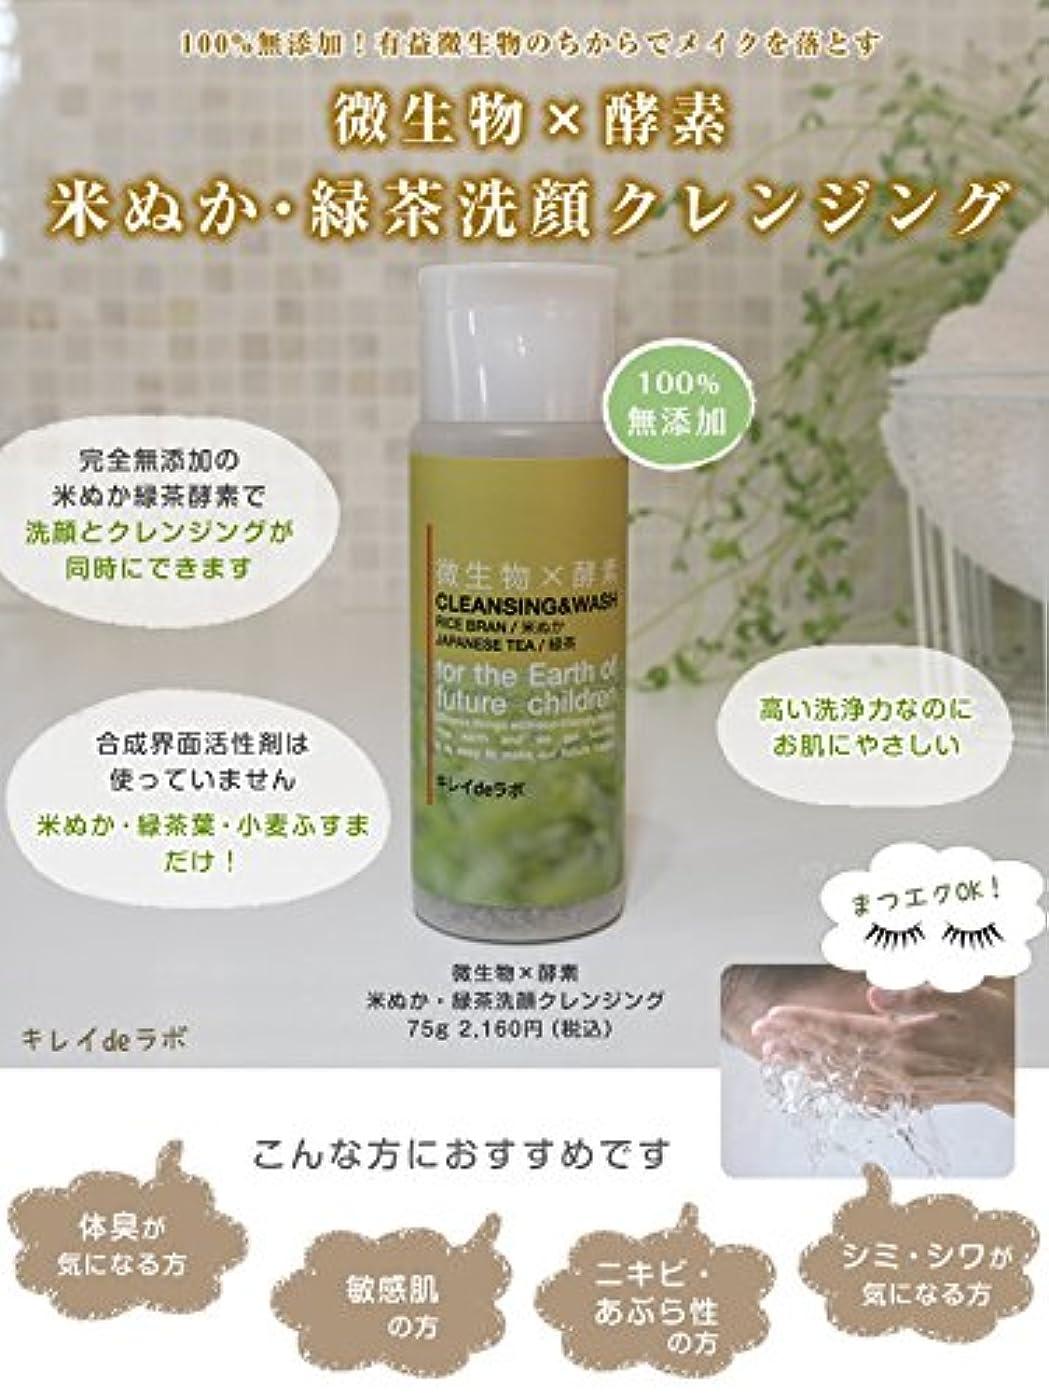 解体する暗殺イタリック微生物×酵素 米ぬか緑茶洗顔クレンジング100%無添加 マツエクOK … (本体 75g) みんなでみらいを 米ぬか使用